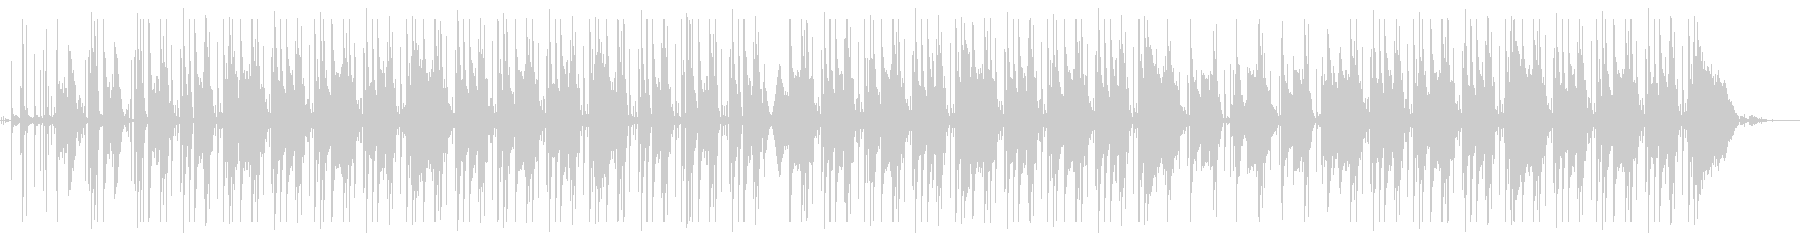 [魅惑]ChillなHipHopの未再生の波形